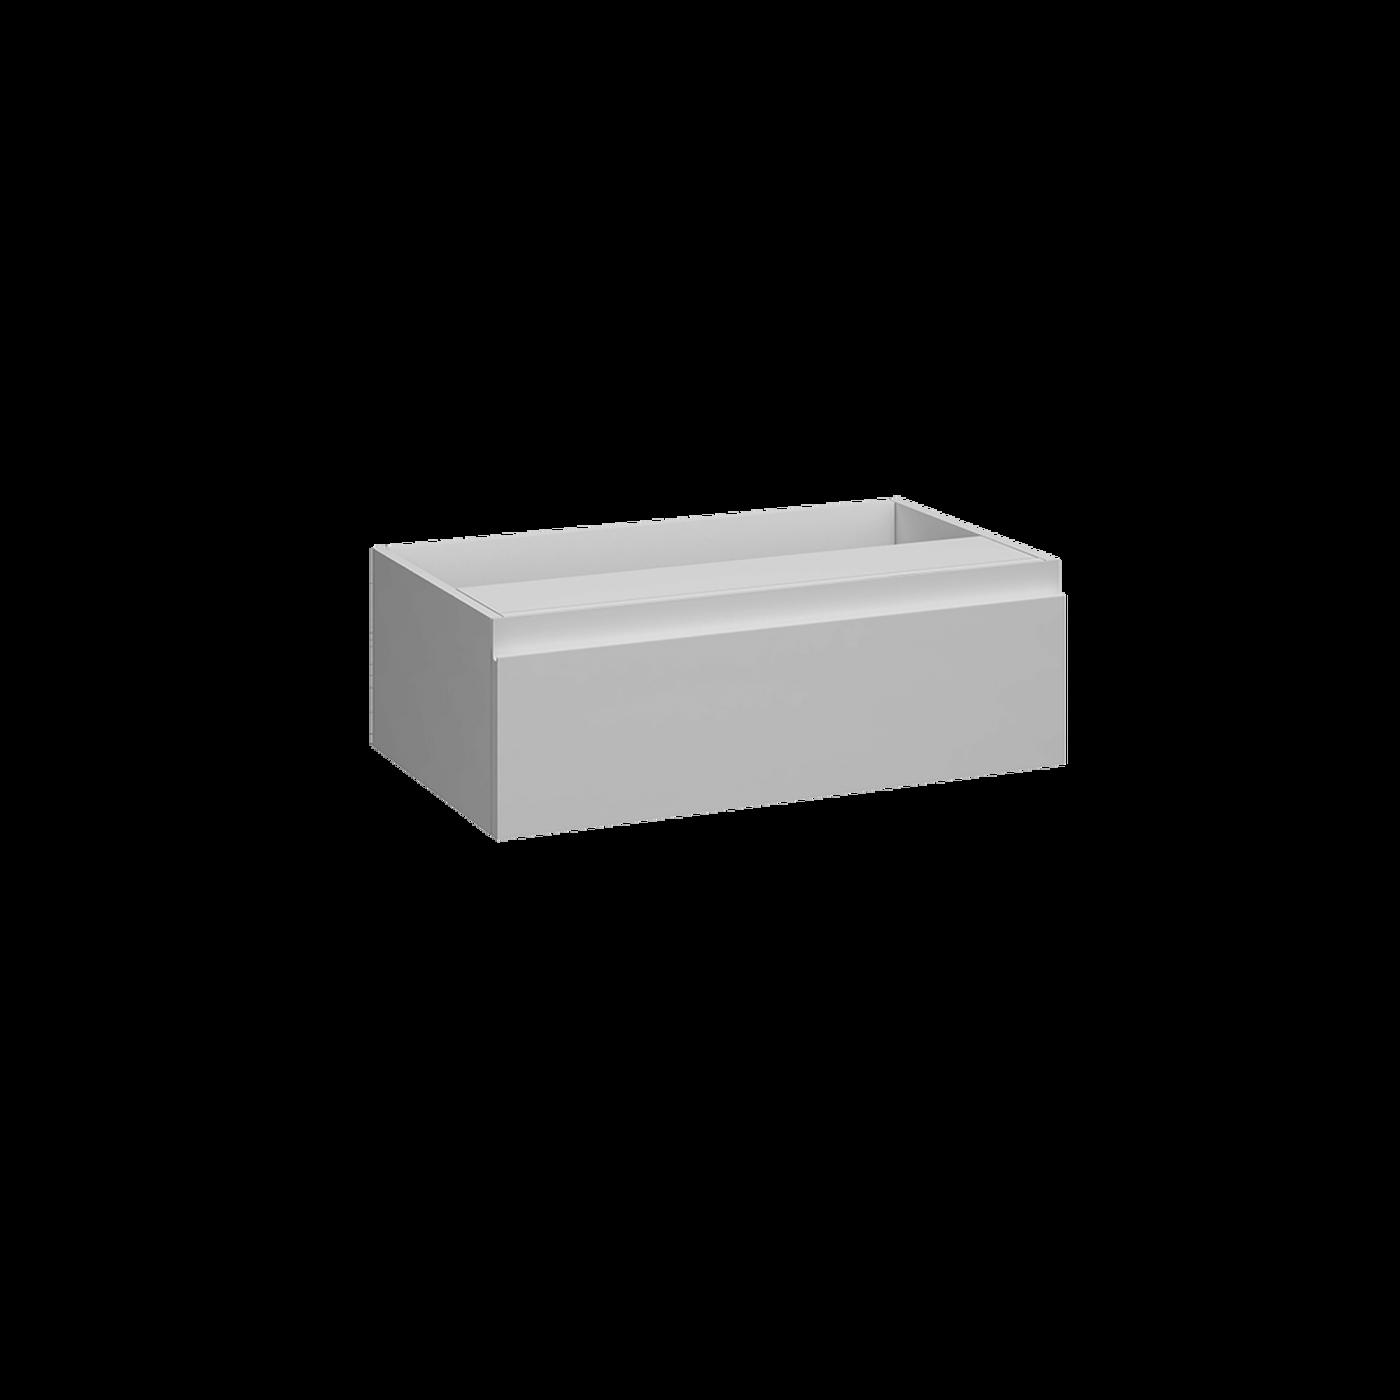 Módulo 1 cajón con salva sifón